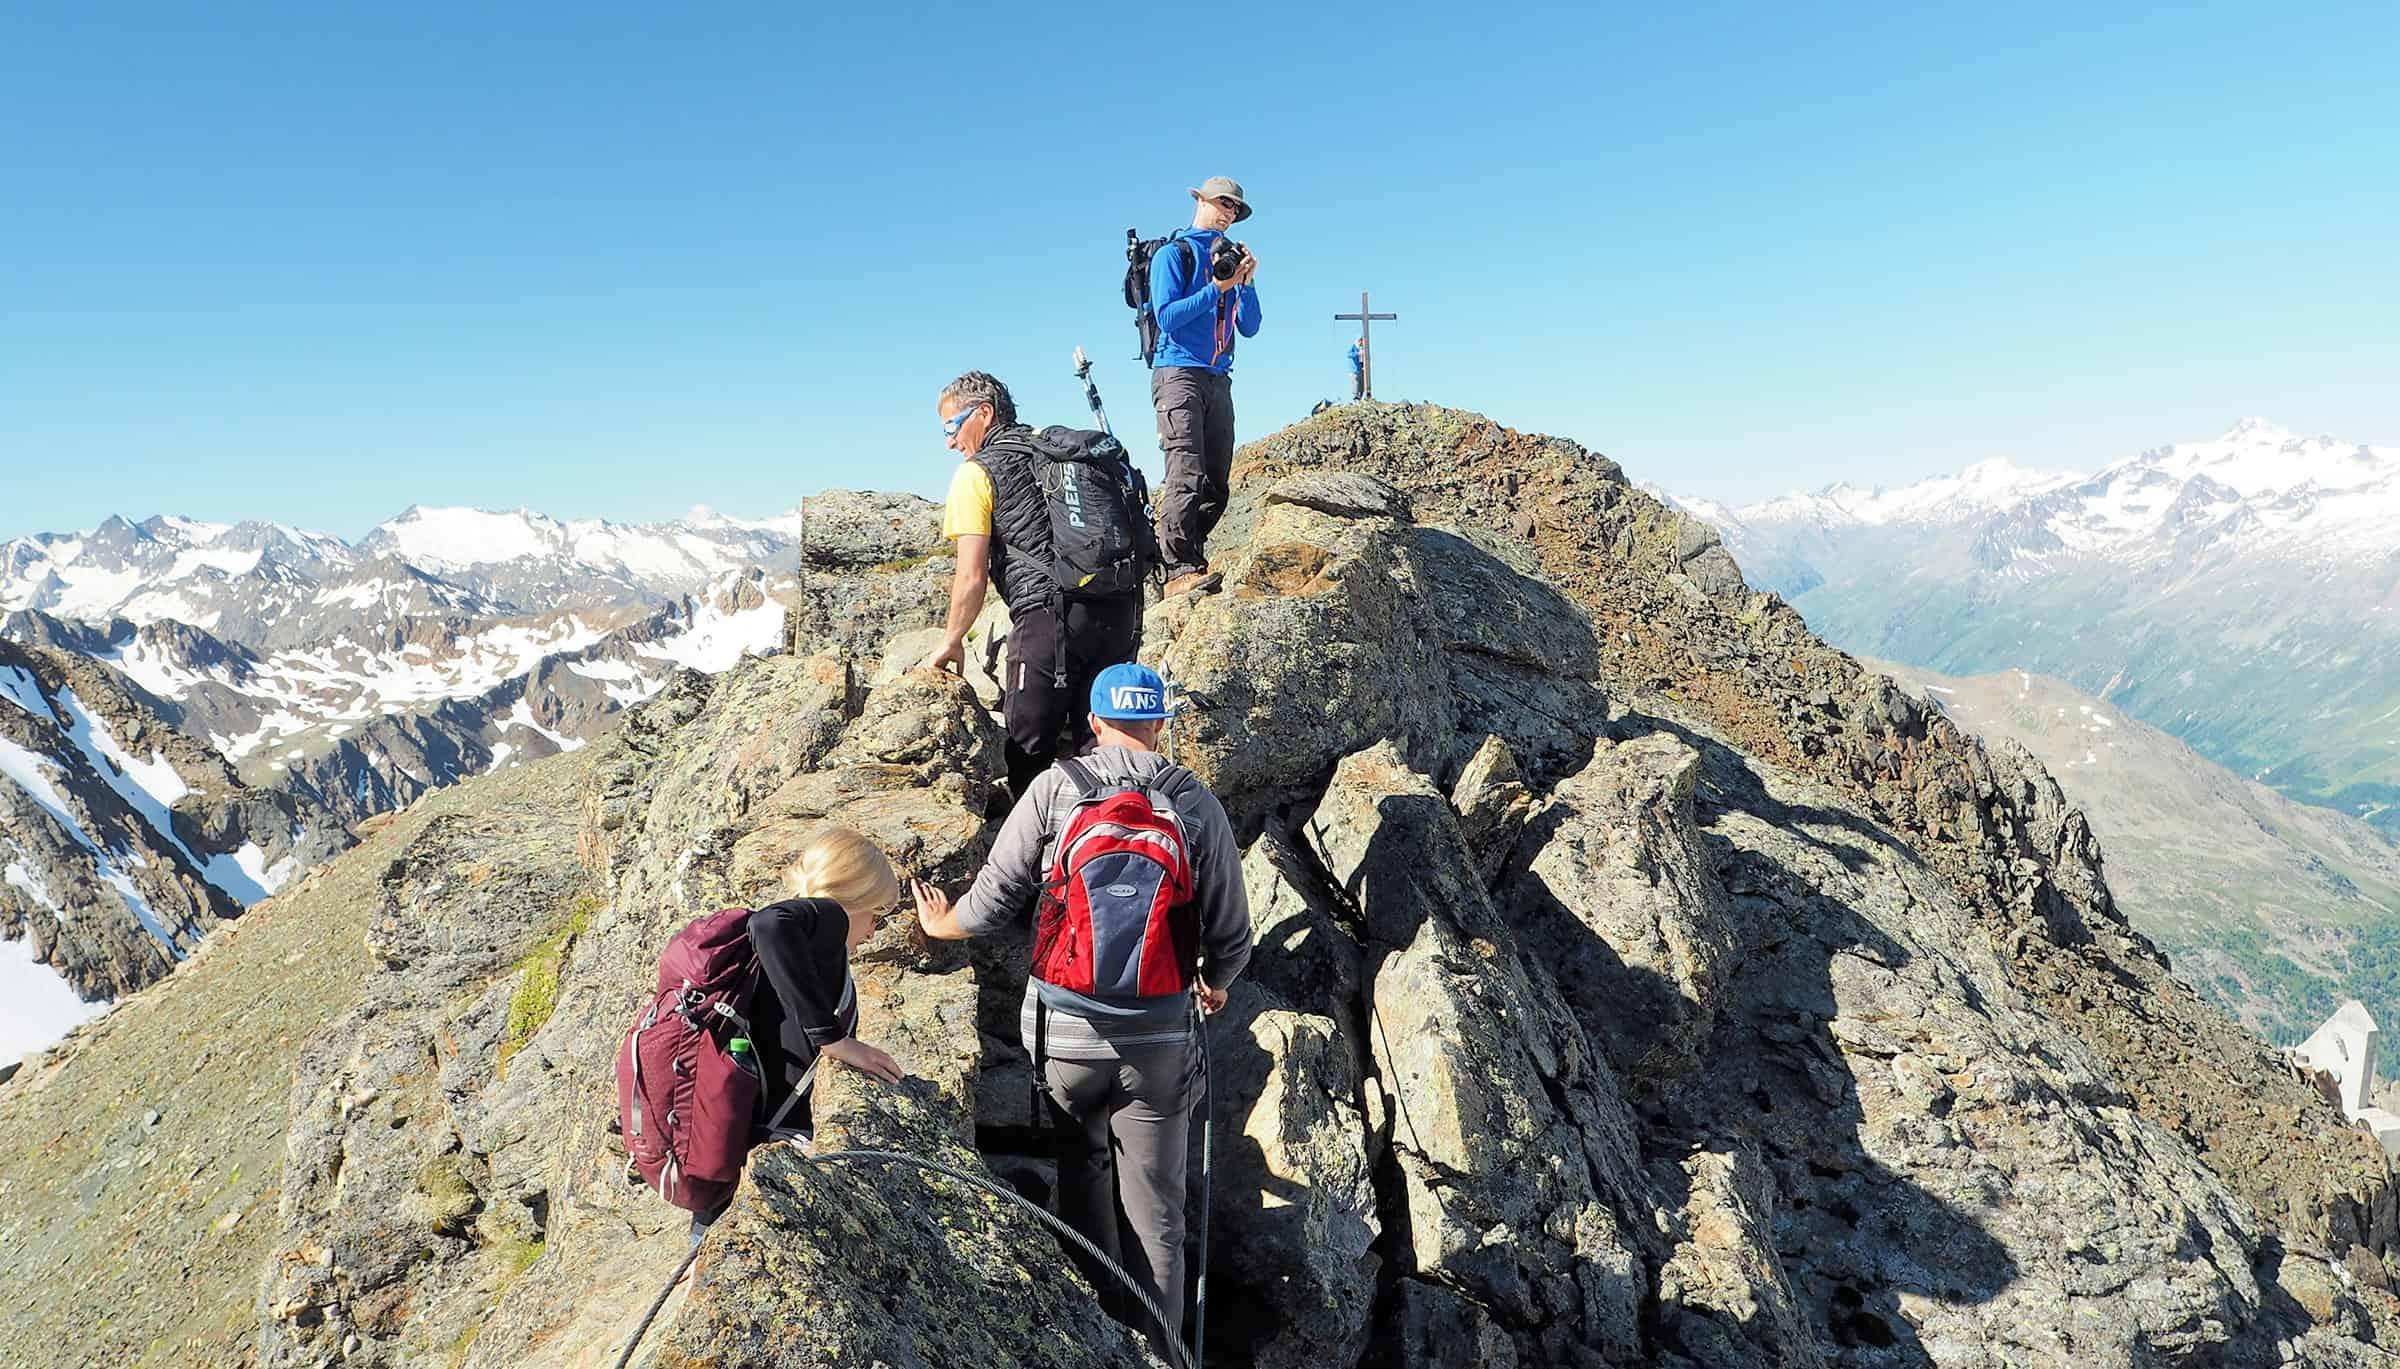 Op weg naar een van de vele bergtoppen